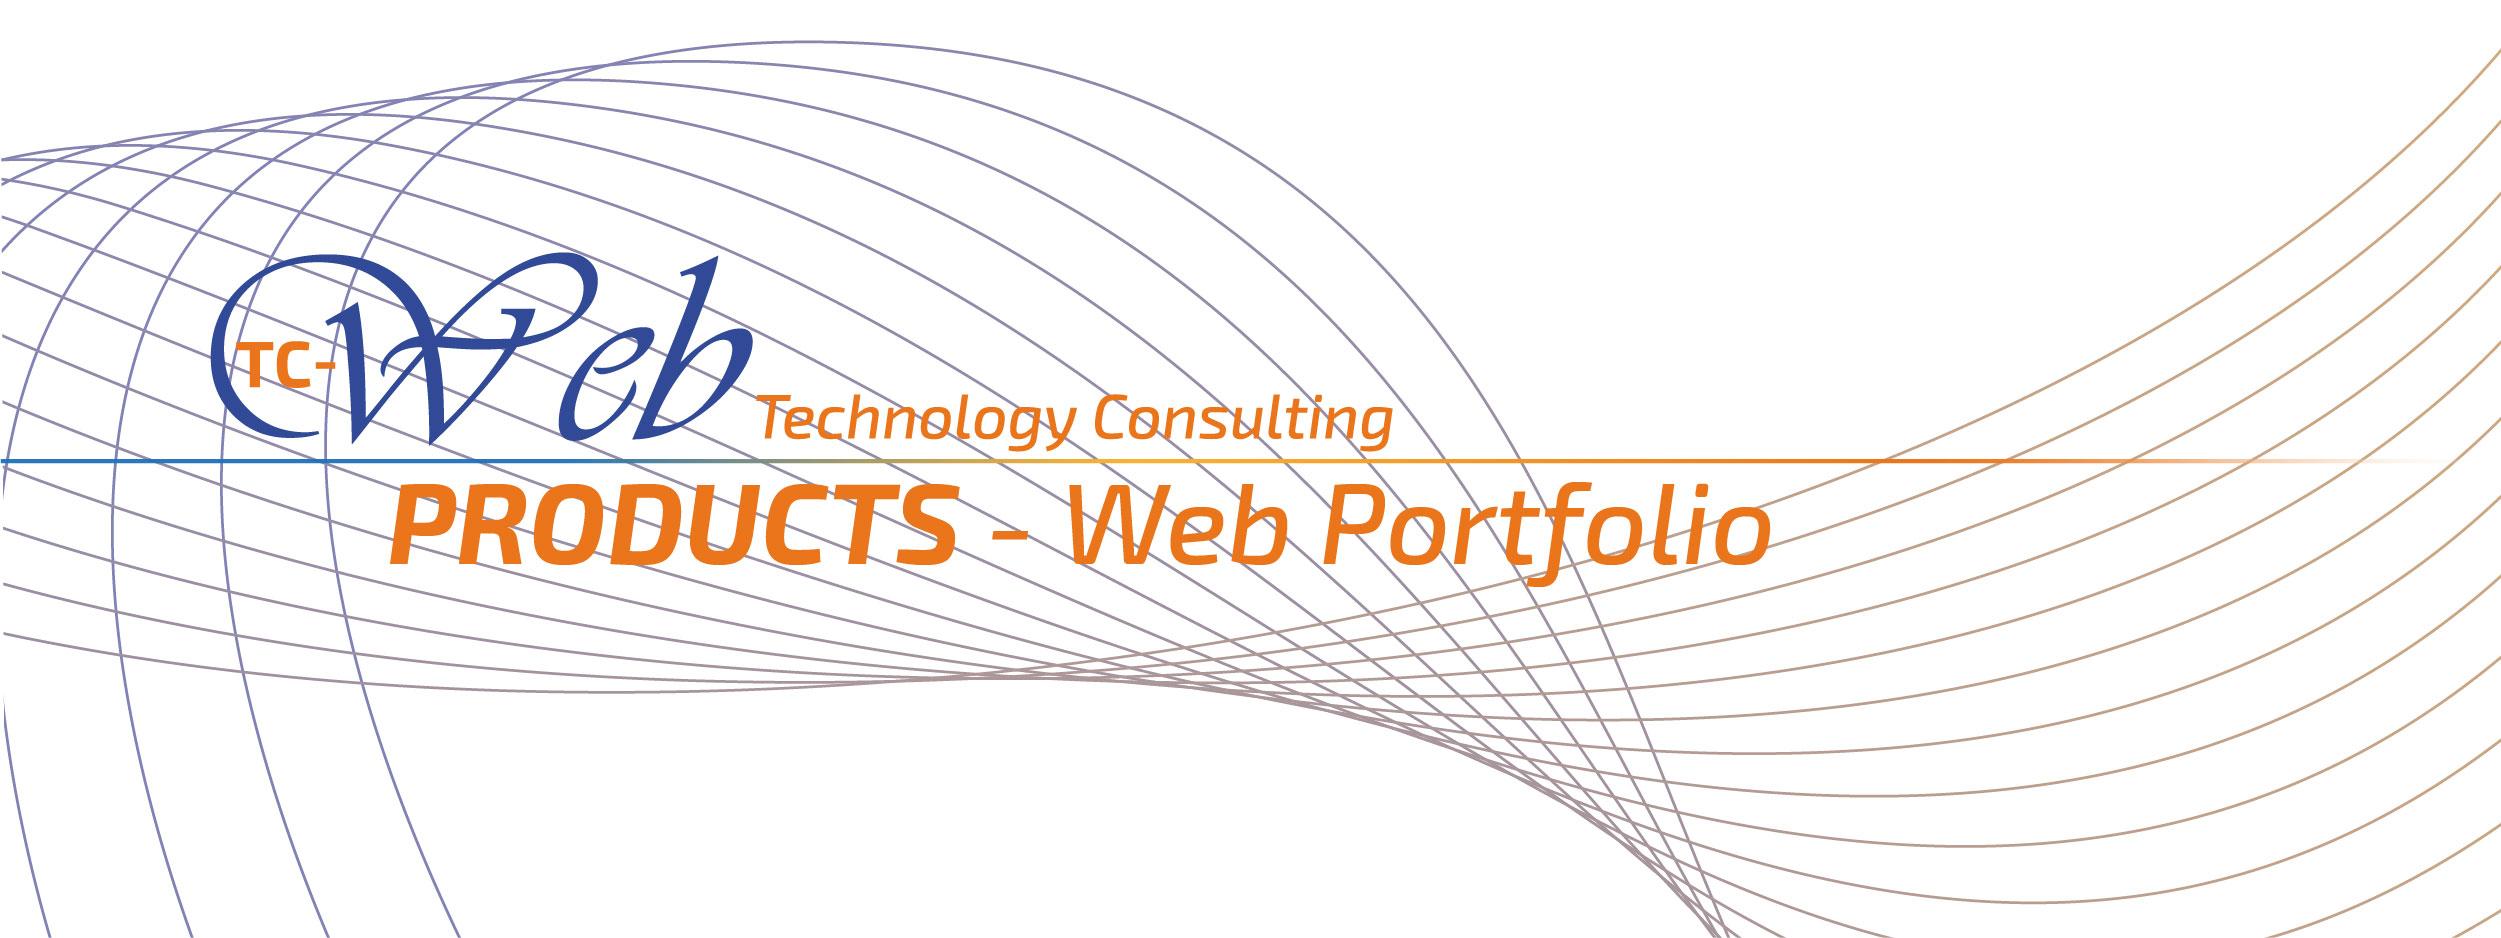 Web Portfolio TC-Web